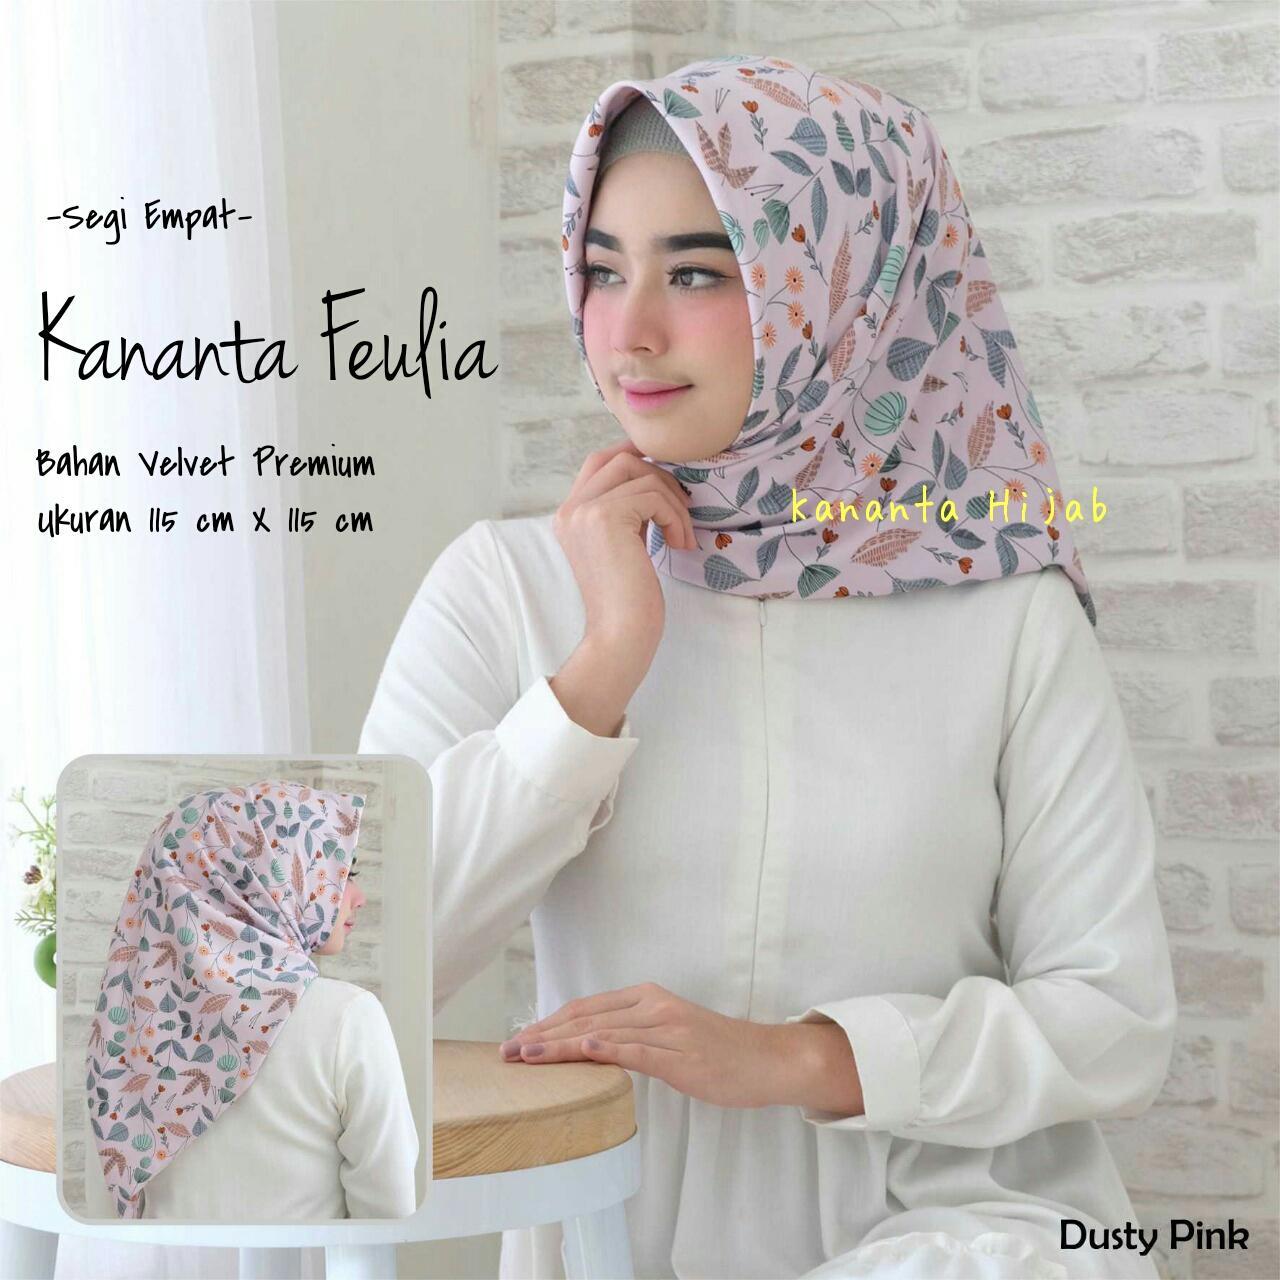 Fitur Hijab Segi Empat Motif Abstrak Bahan Velvet Premium Maxmara Segiempat Kananta Feulia